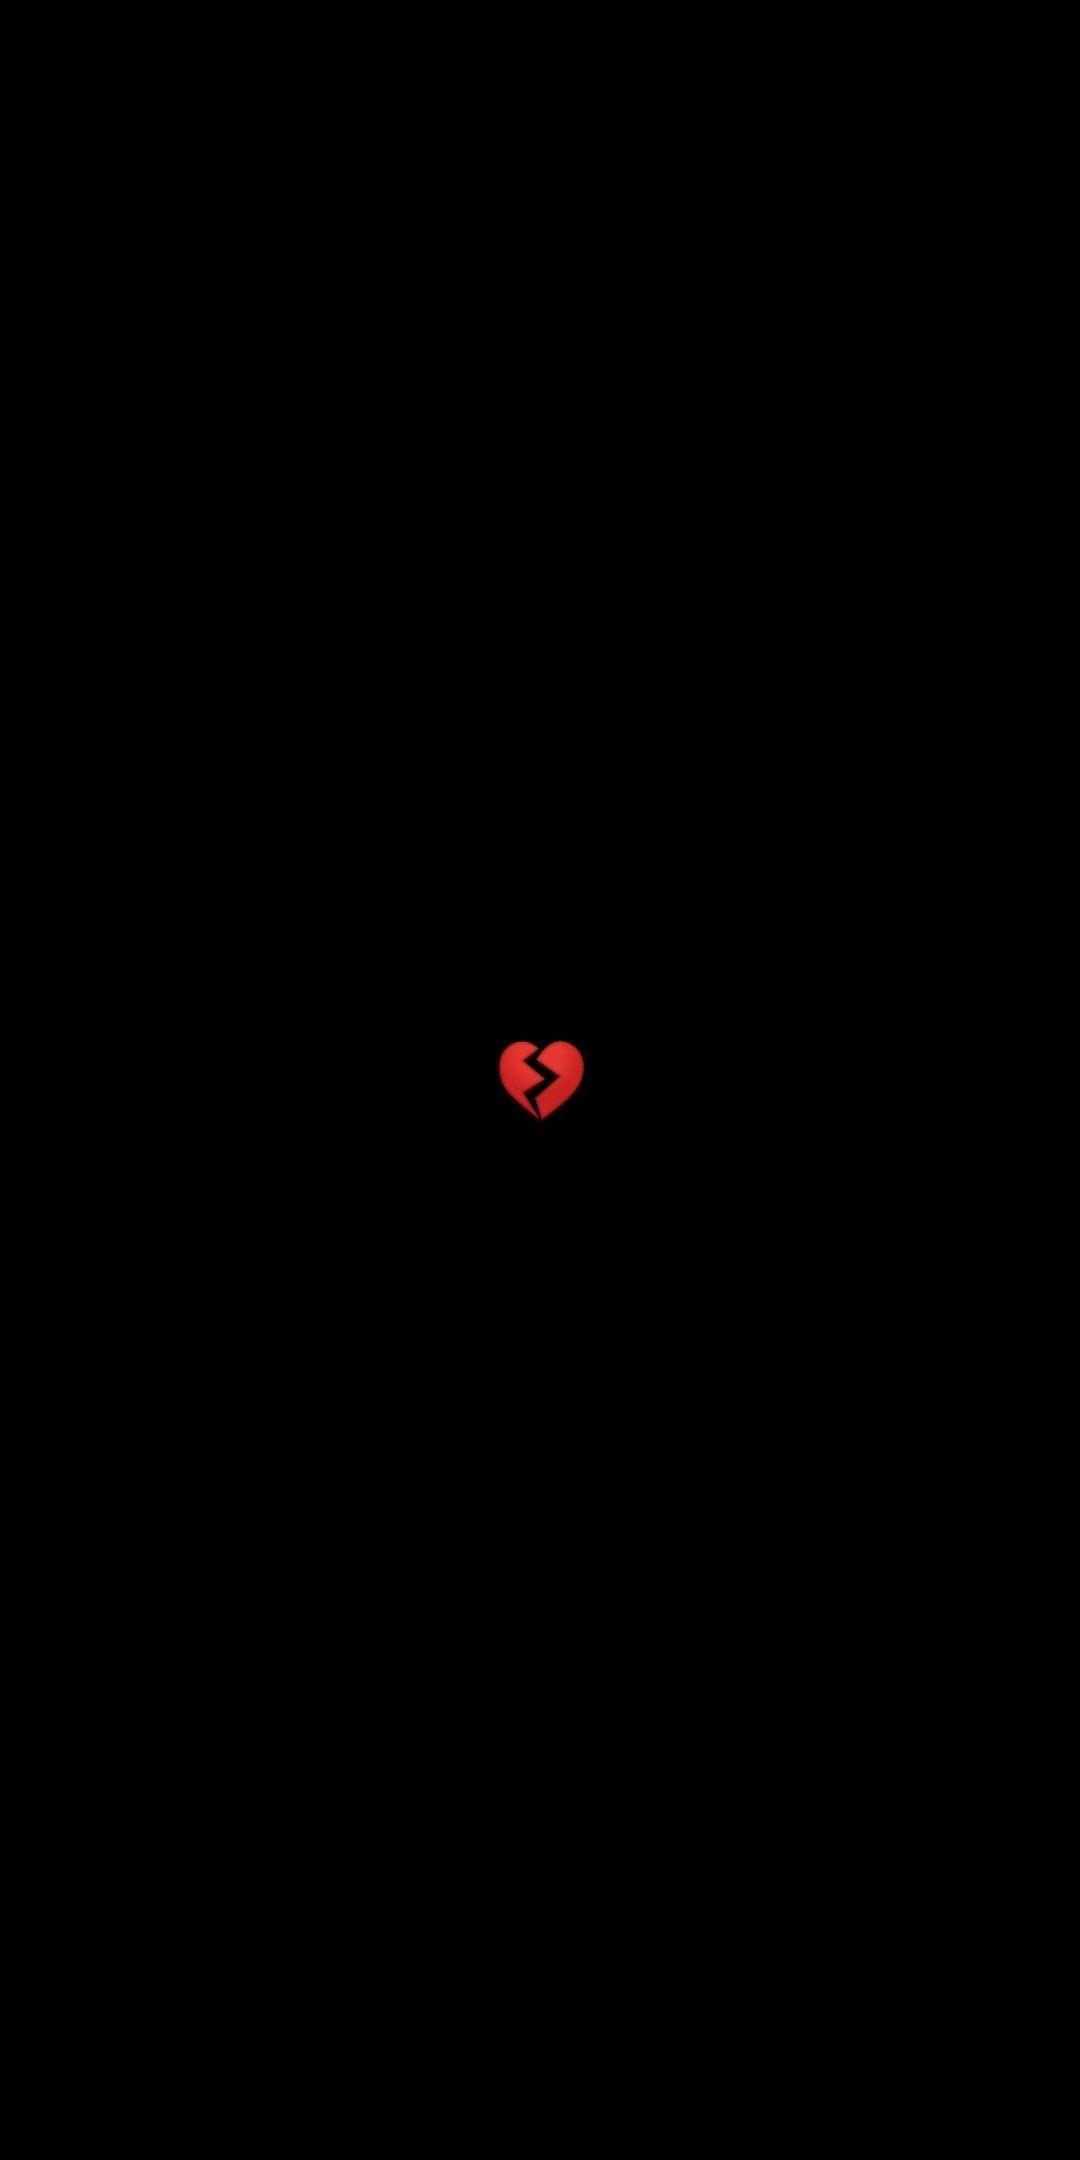 Broken Heart Black Wallpapers Top Free Broken Heart Black Backgrounds Wallpaperaccess